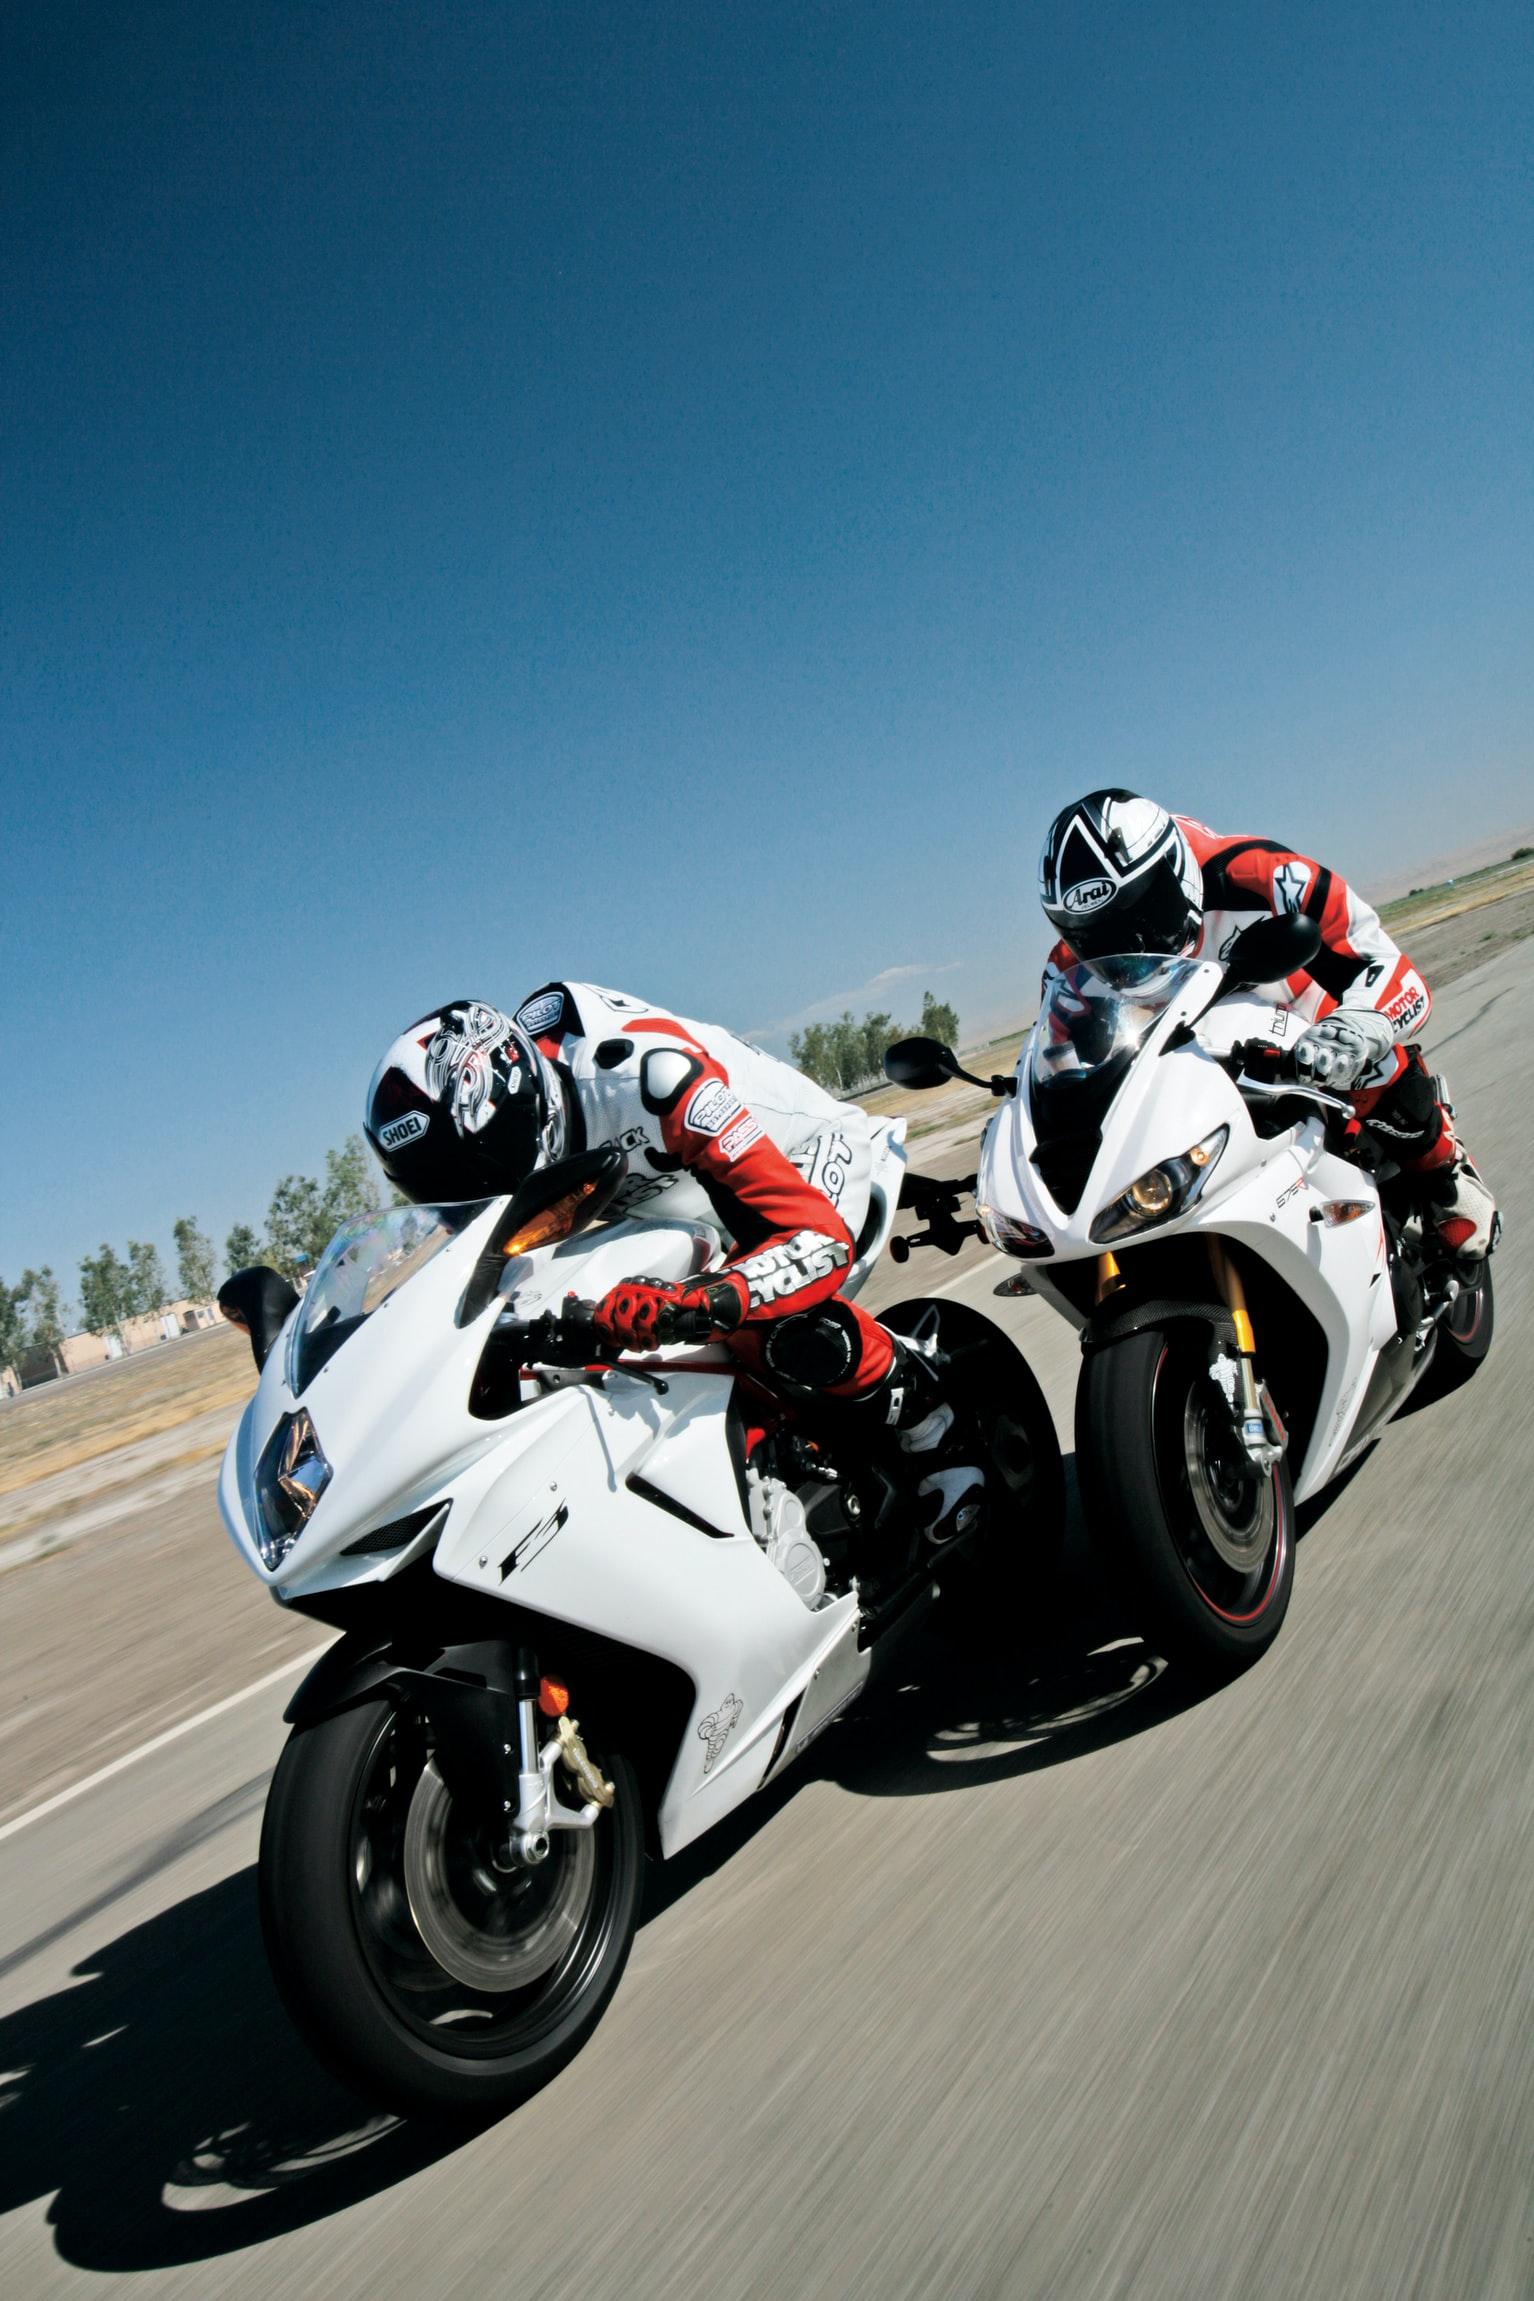 Malaguti Serwis Motorów i Motocykli